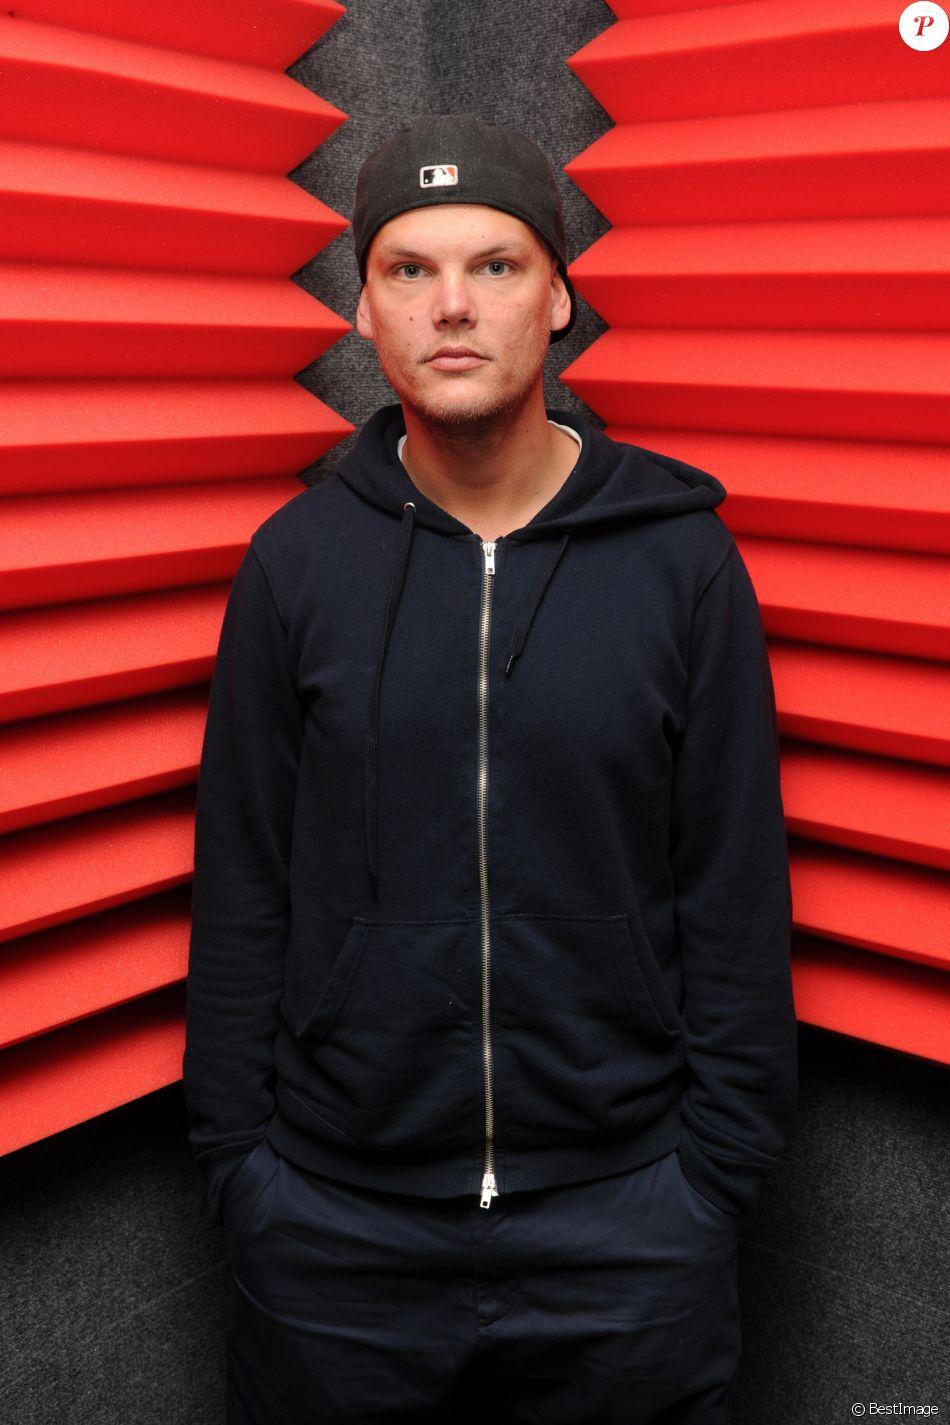 Le DJ Avicii sur Radio Y-100 à Fort Lauderdale le 12 février 2016.